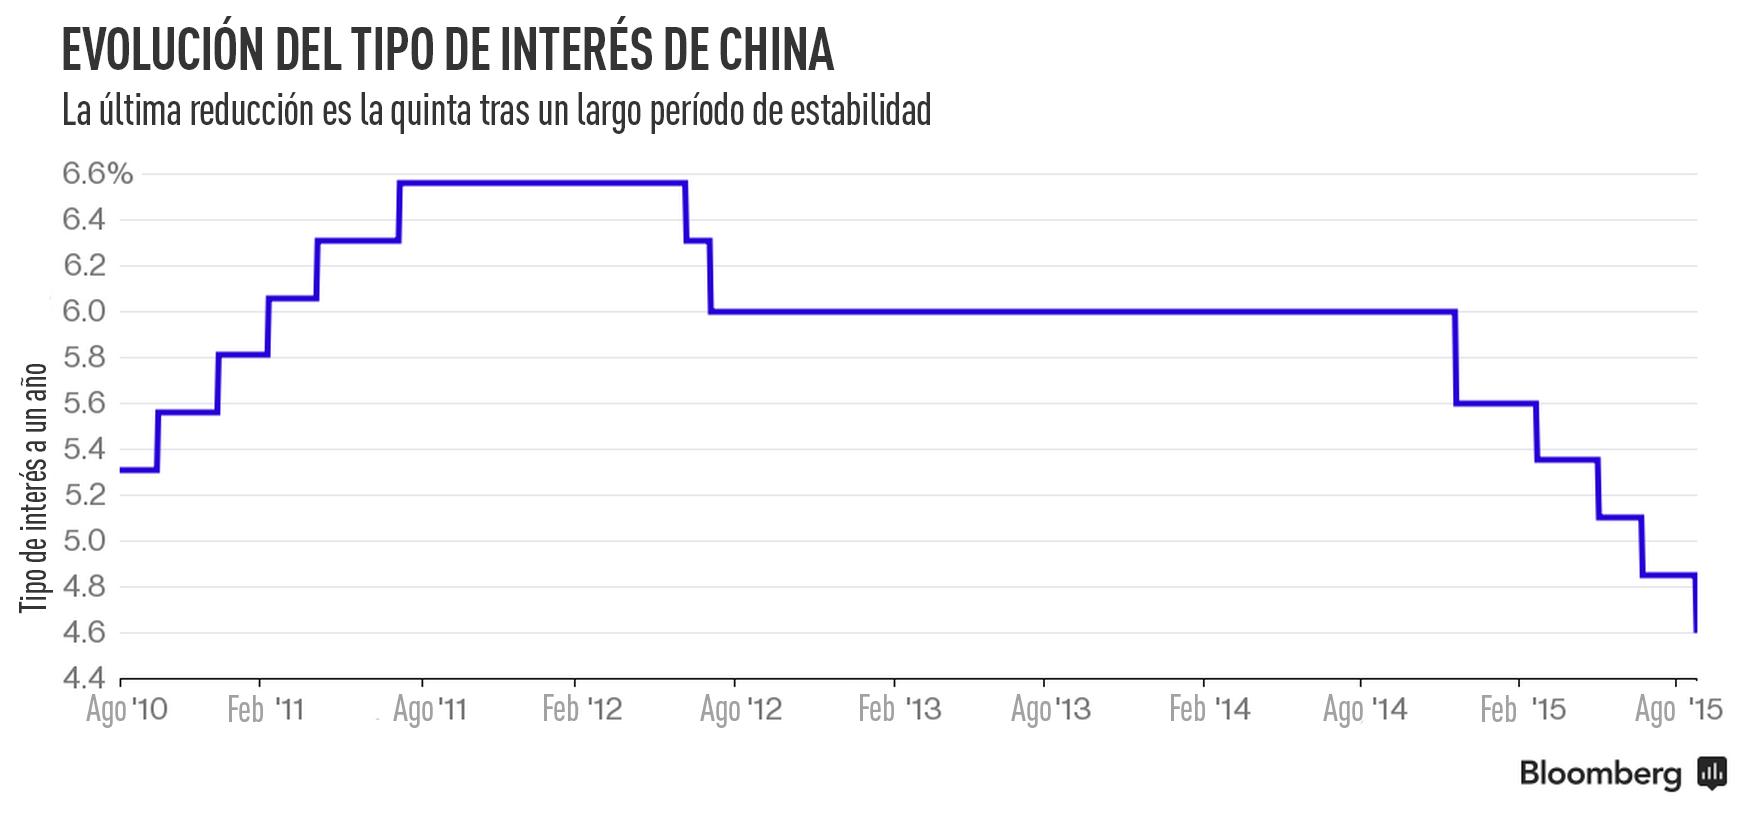 El tipo de interés de China